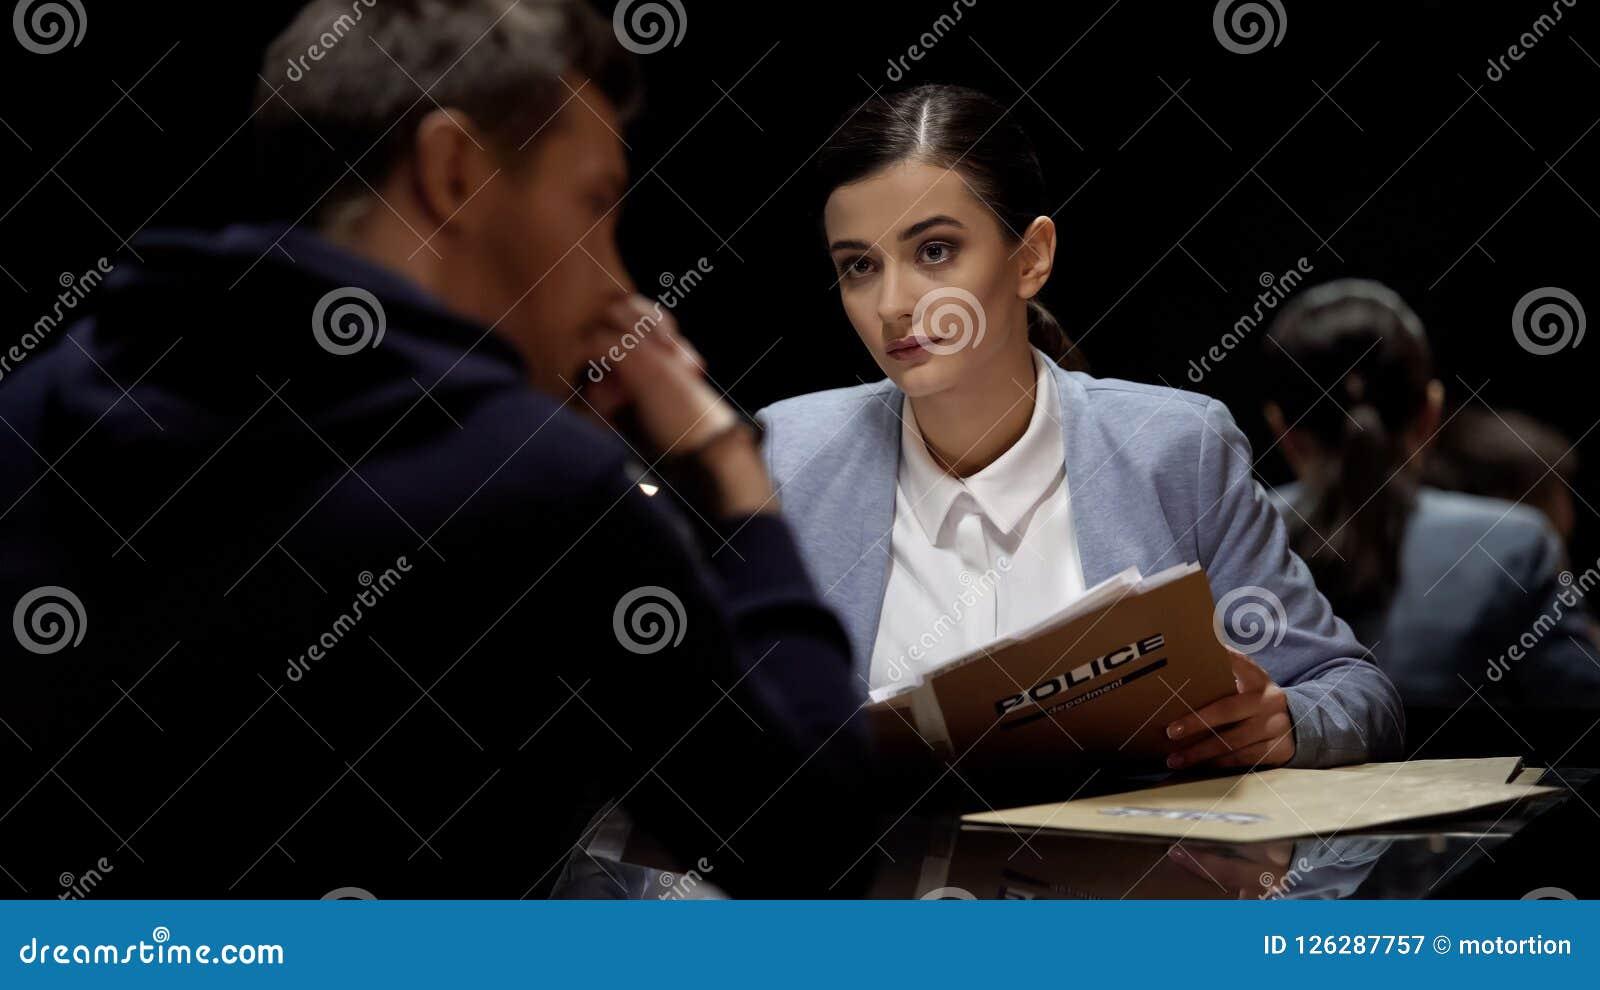 Όμορφο συλλήφθείτ συνεδρίαση άτομο ανακρίσεων, έγκλημα έρευνας, δυσπιστία